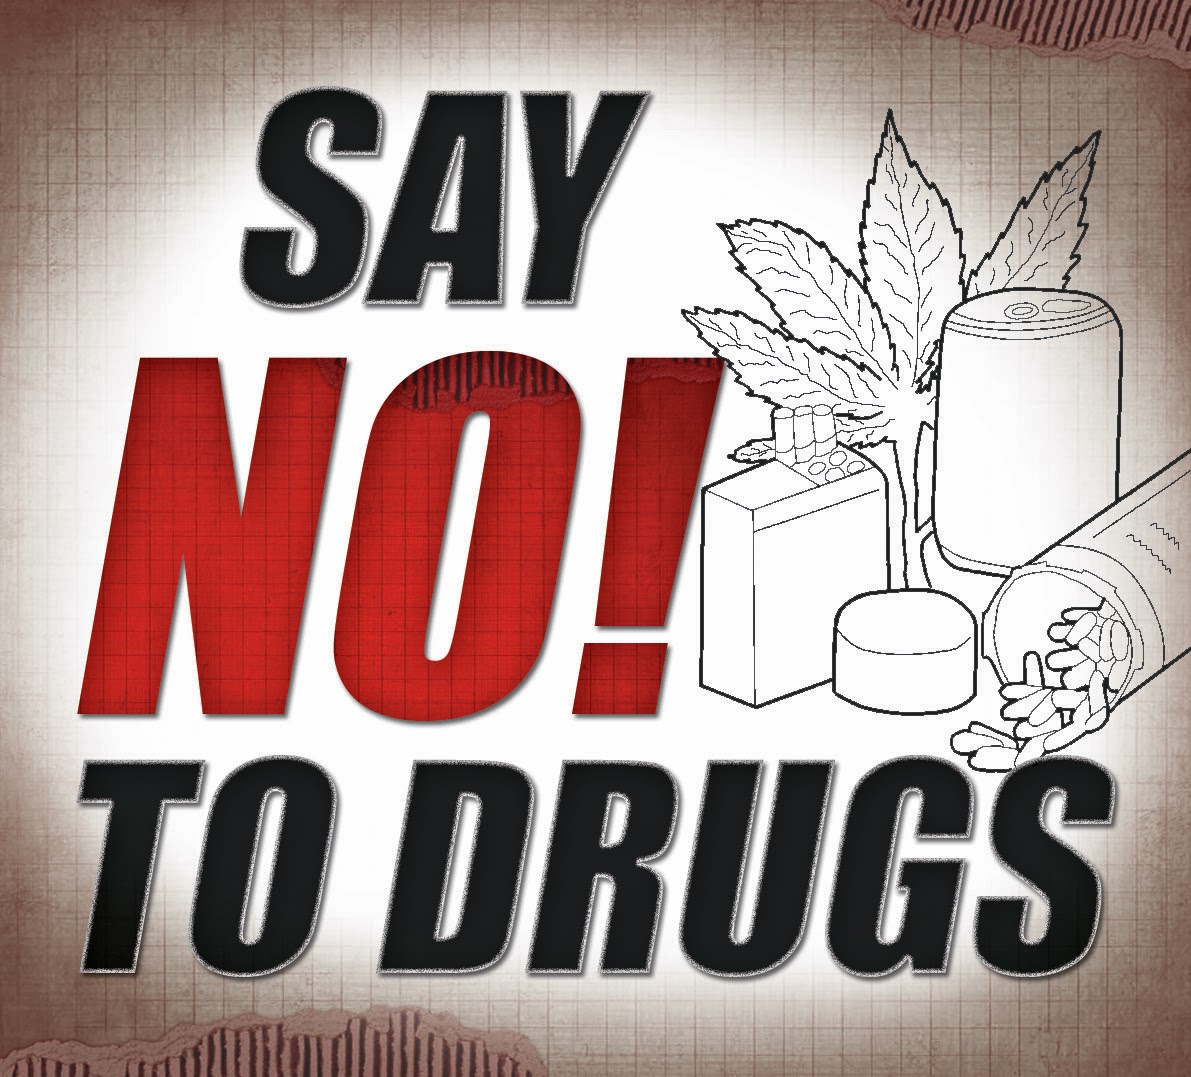 Gambar Ilustrasi Stop Narkoba Gambar Ilustrasi Bahaya Narkoba Hilustrasi